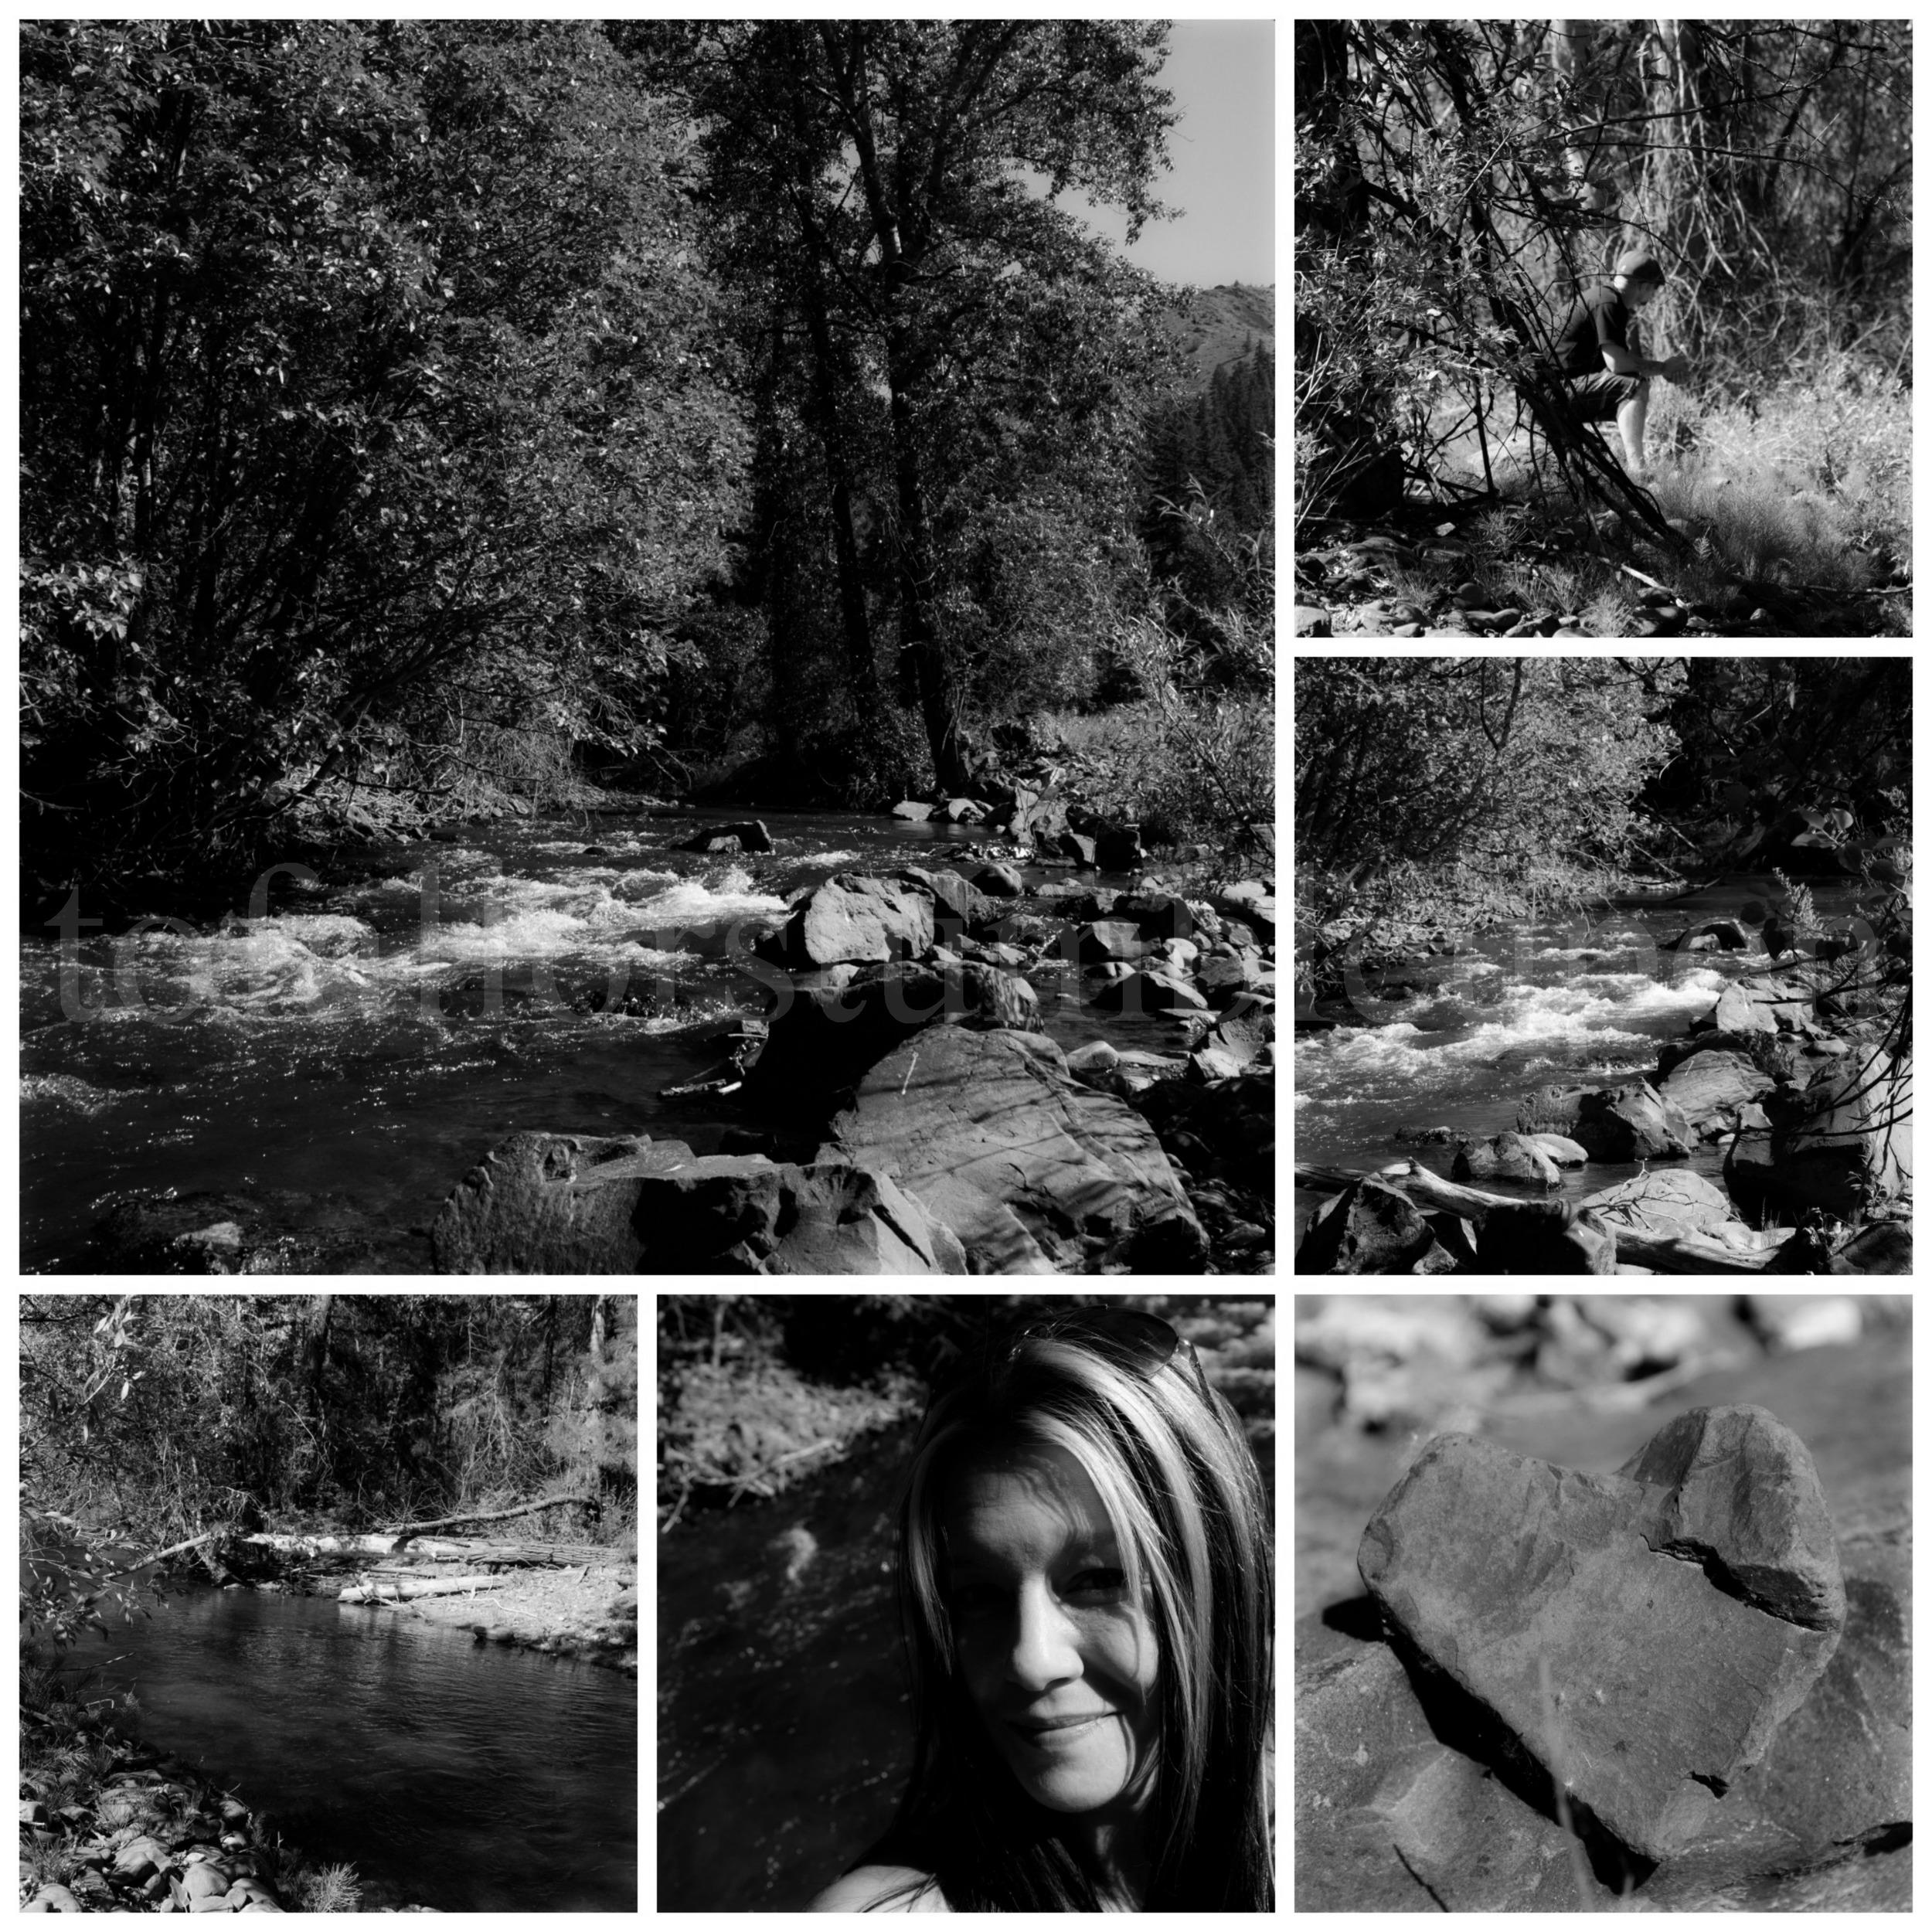 PicMonkey Collage 20 a.jpg